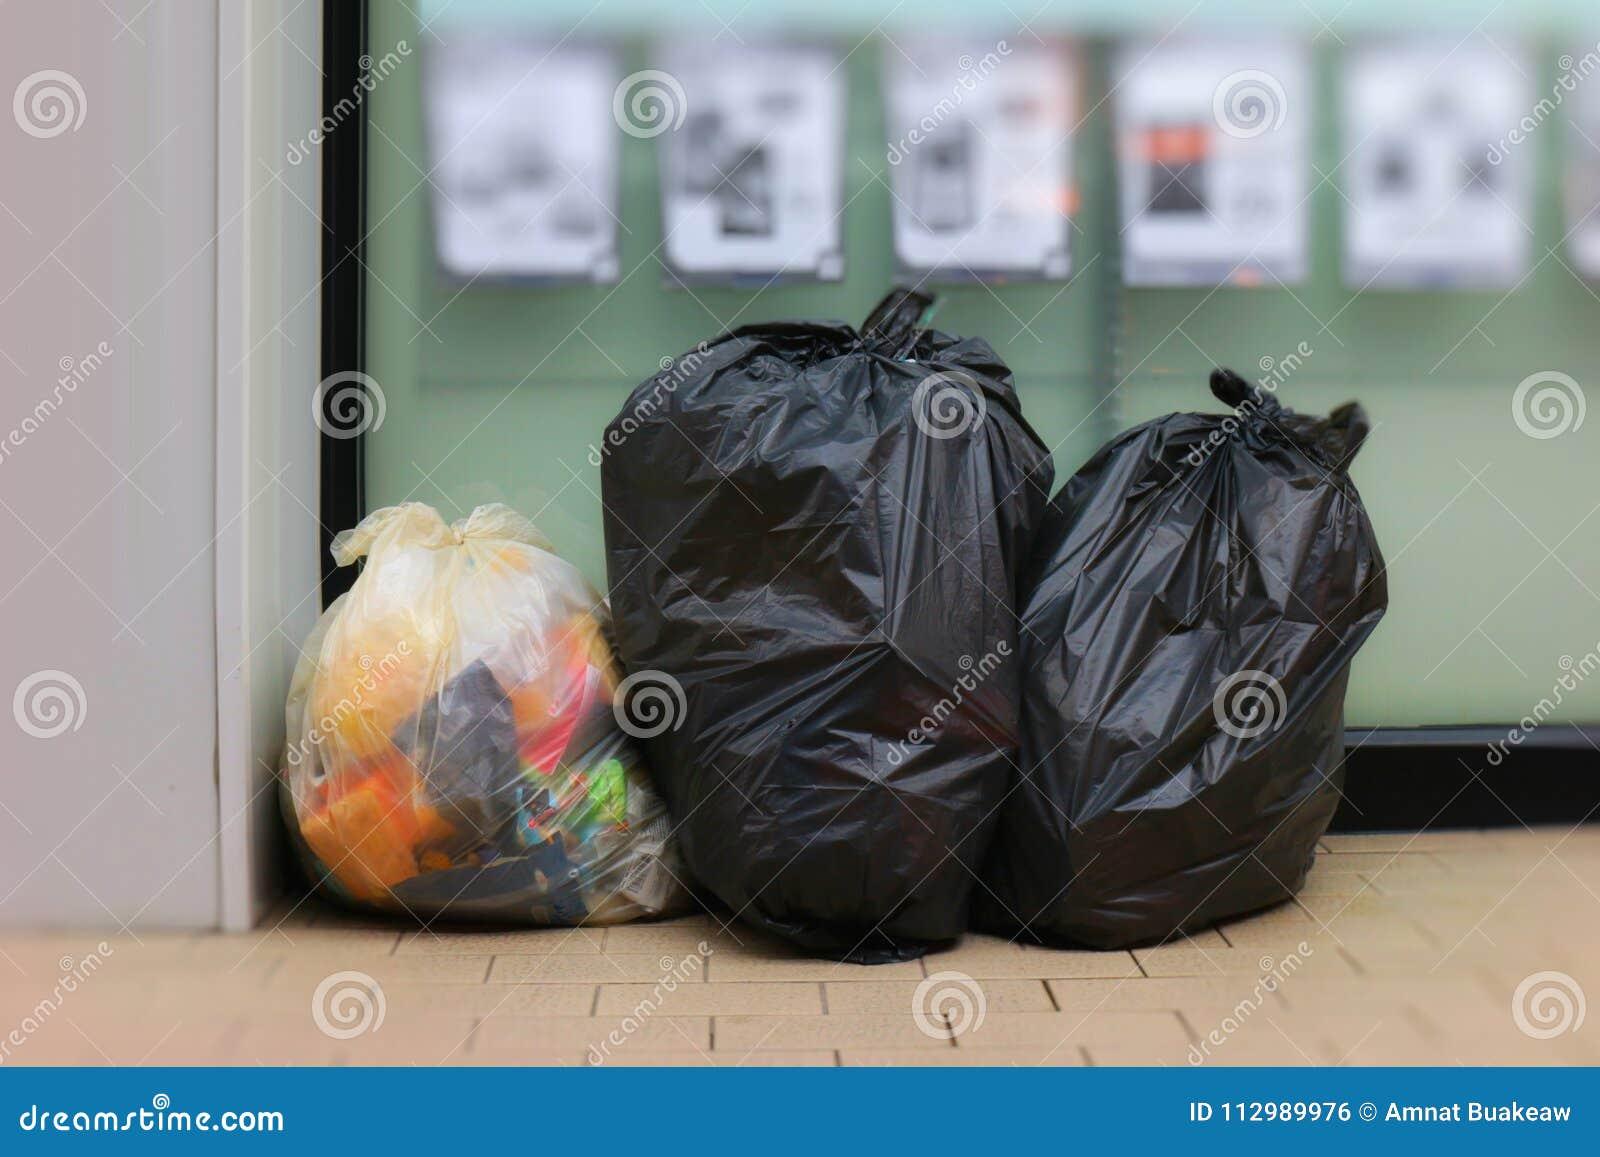 Τρεις τσάντες απορριμμάτων, μαύρο τοποθετημένο μπροστινό ψιλικατζίδικο τσαντών απορριμάτων, δοχείο, απορρίμματα, τσάντα απορριμμά